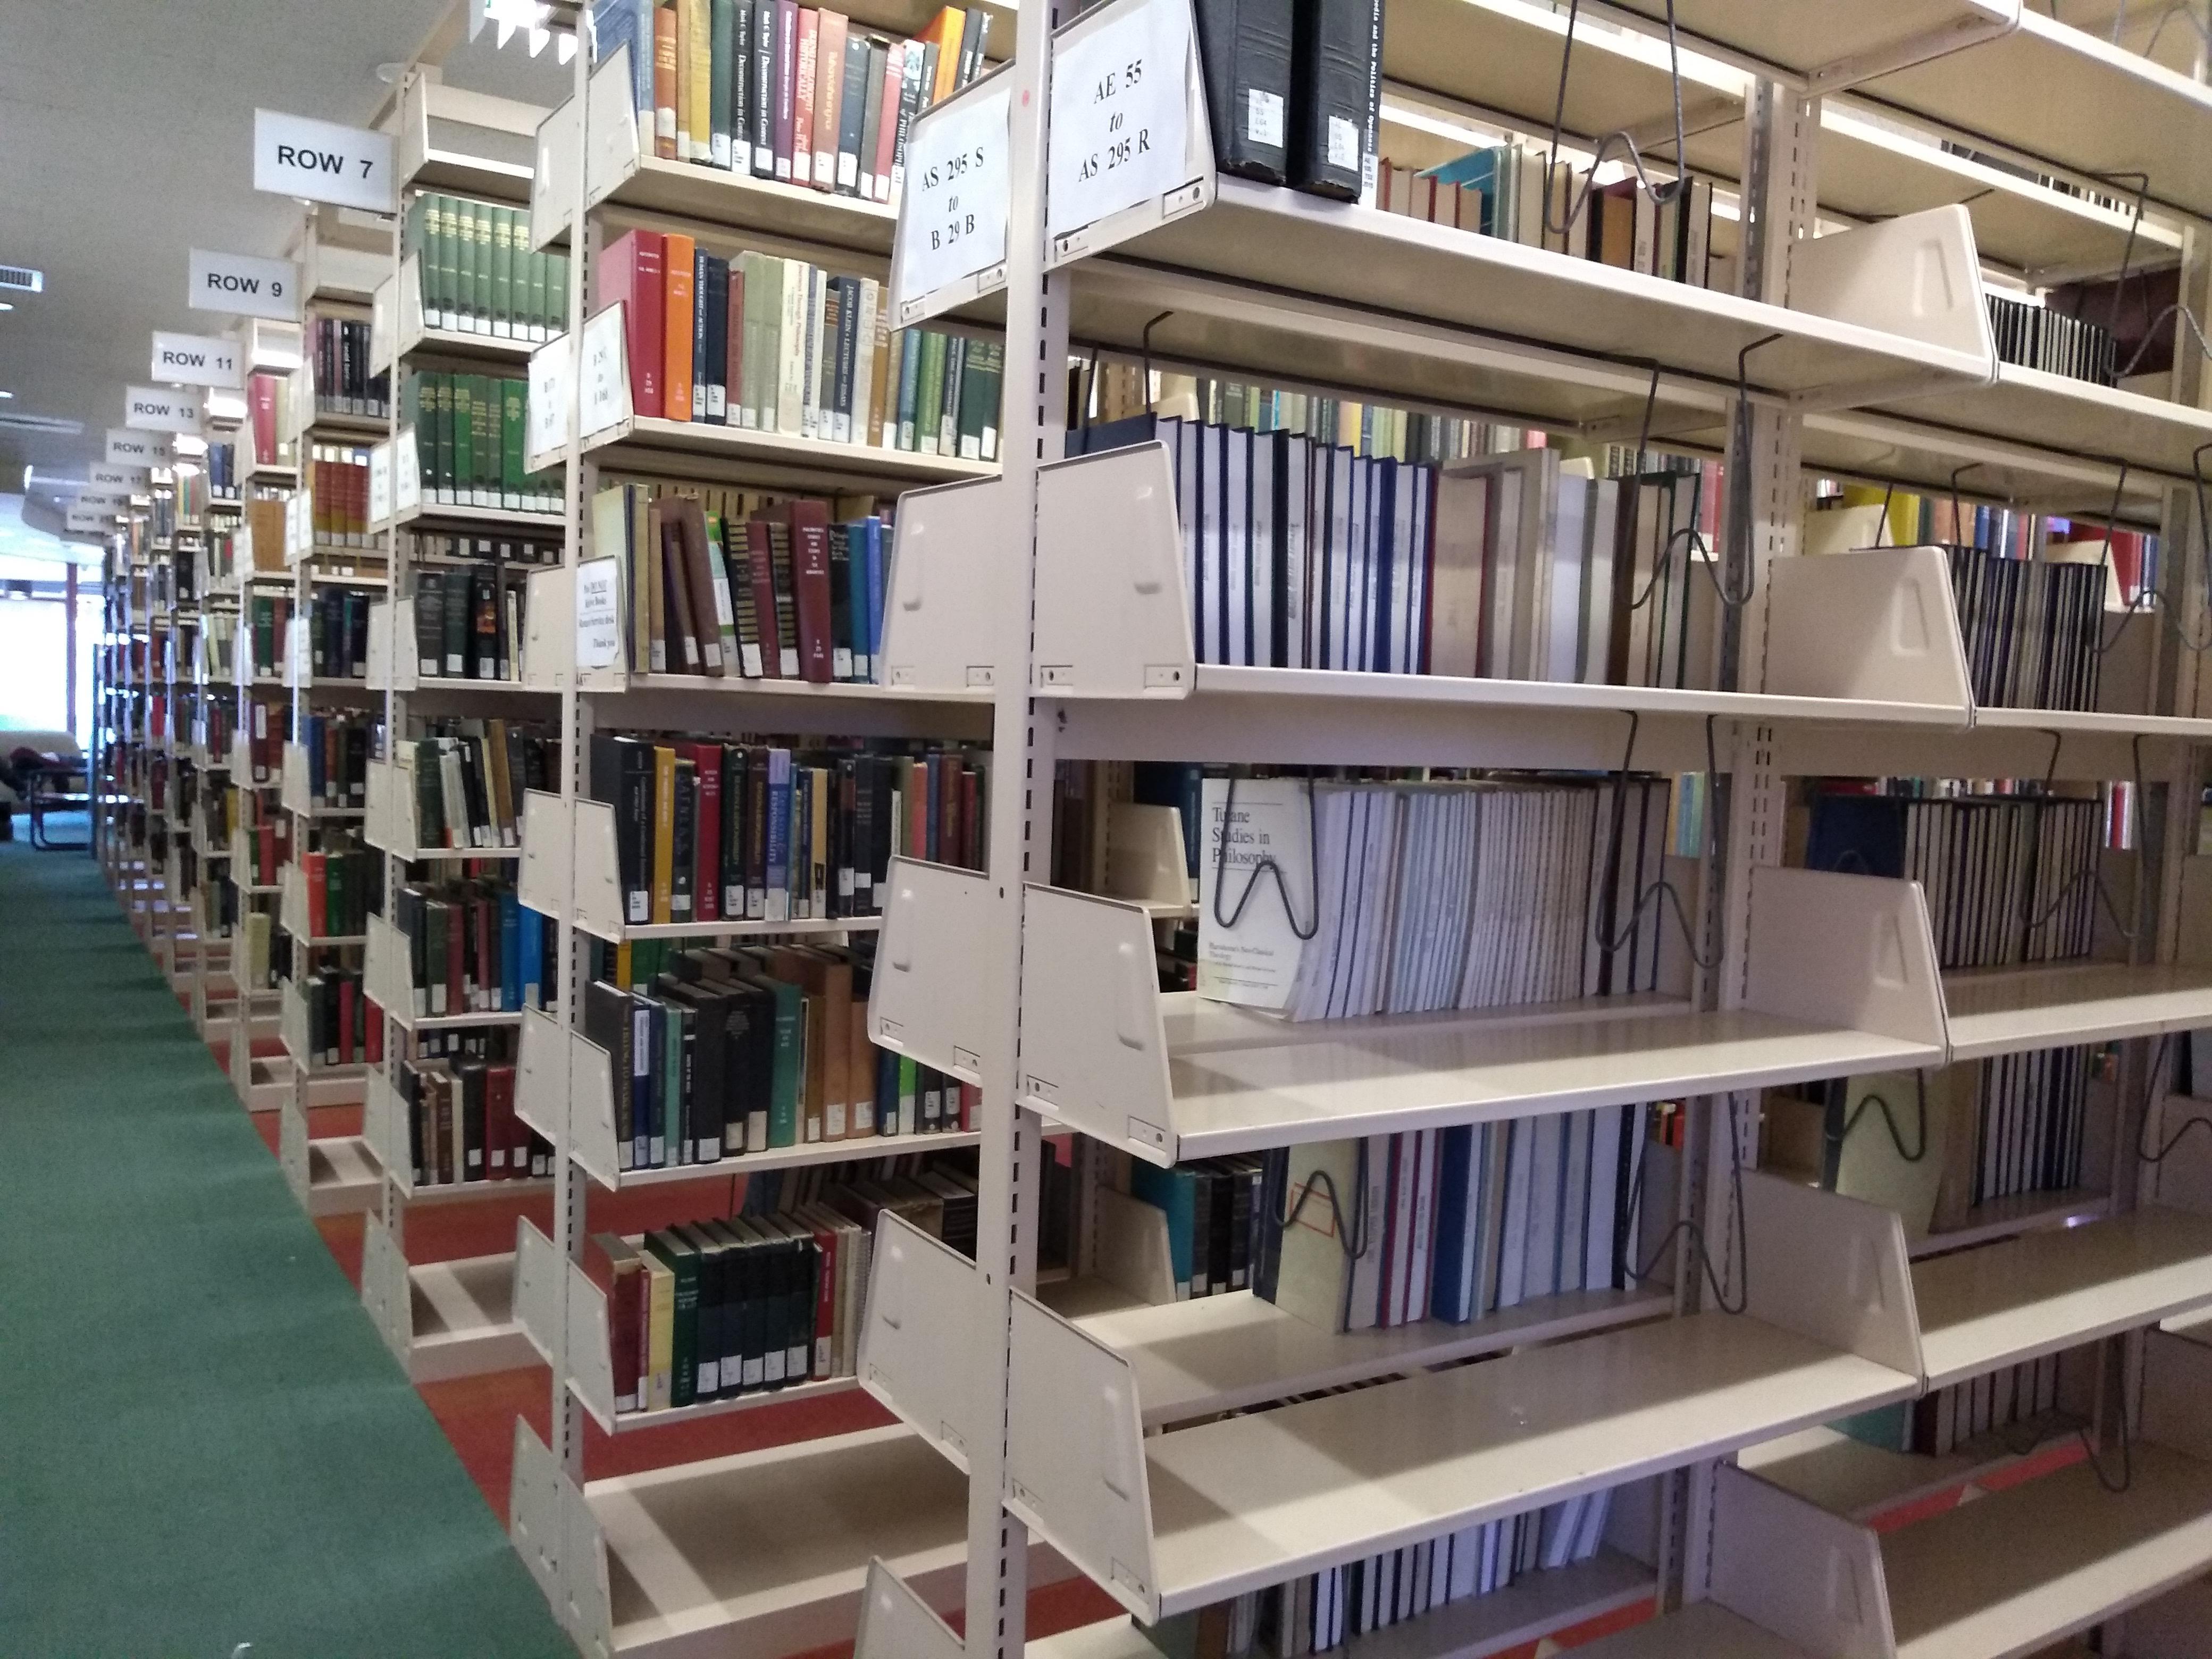 Books A-D